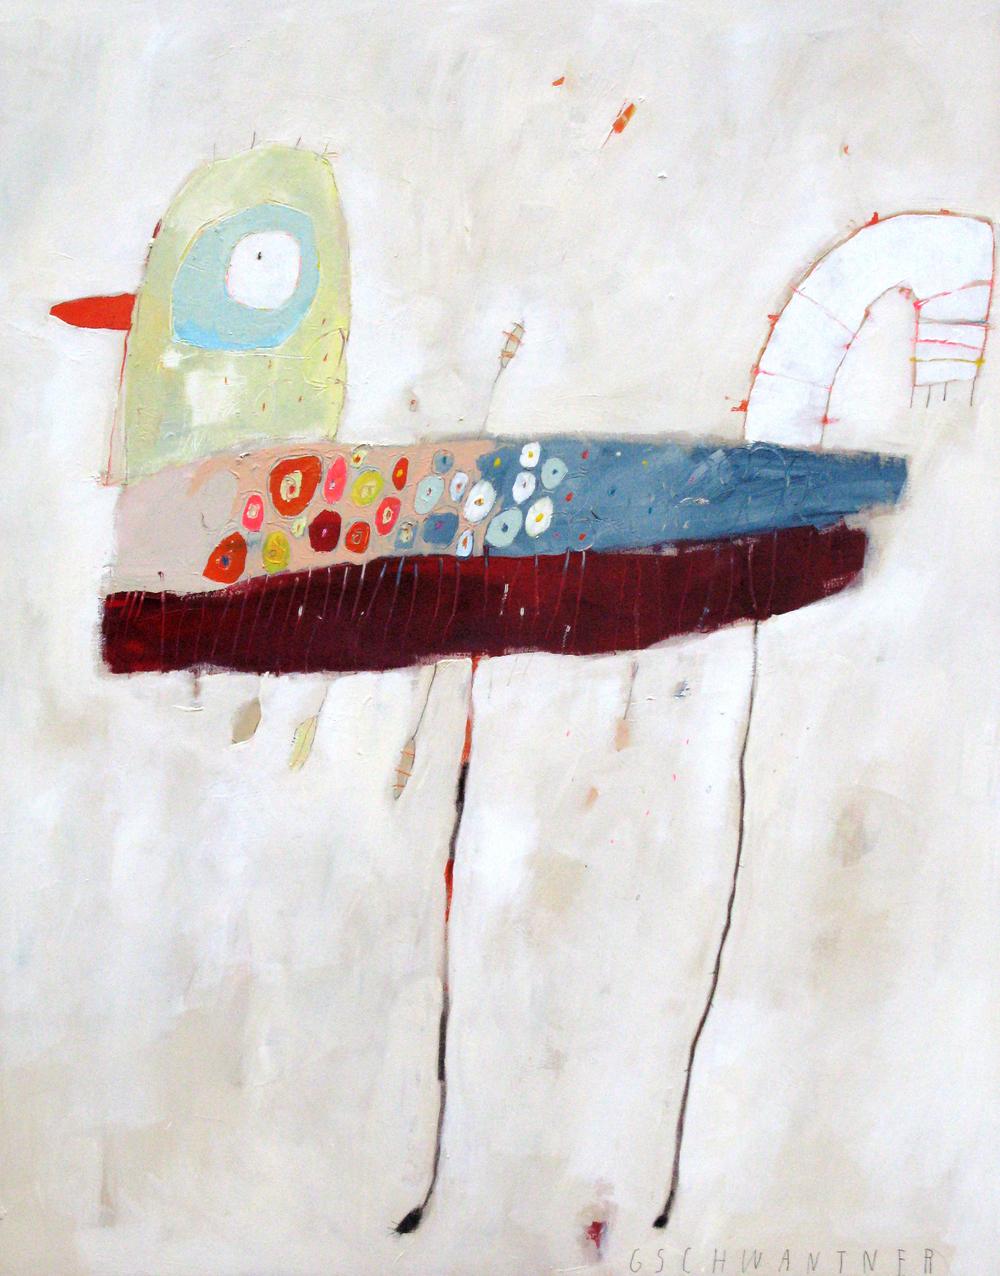 Vogelprinzess, 2008, 115 x 145